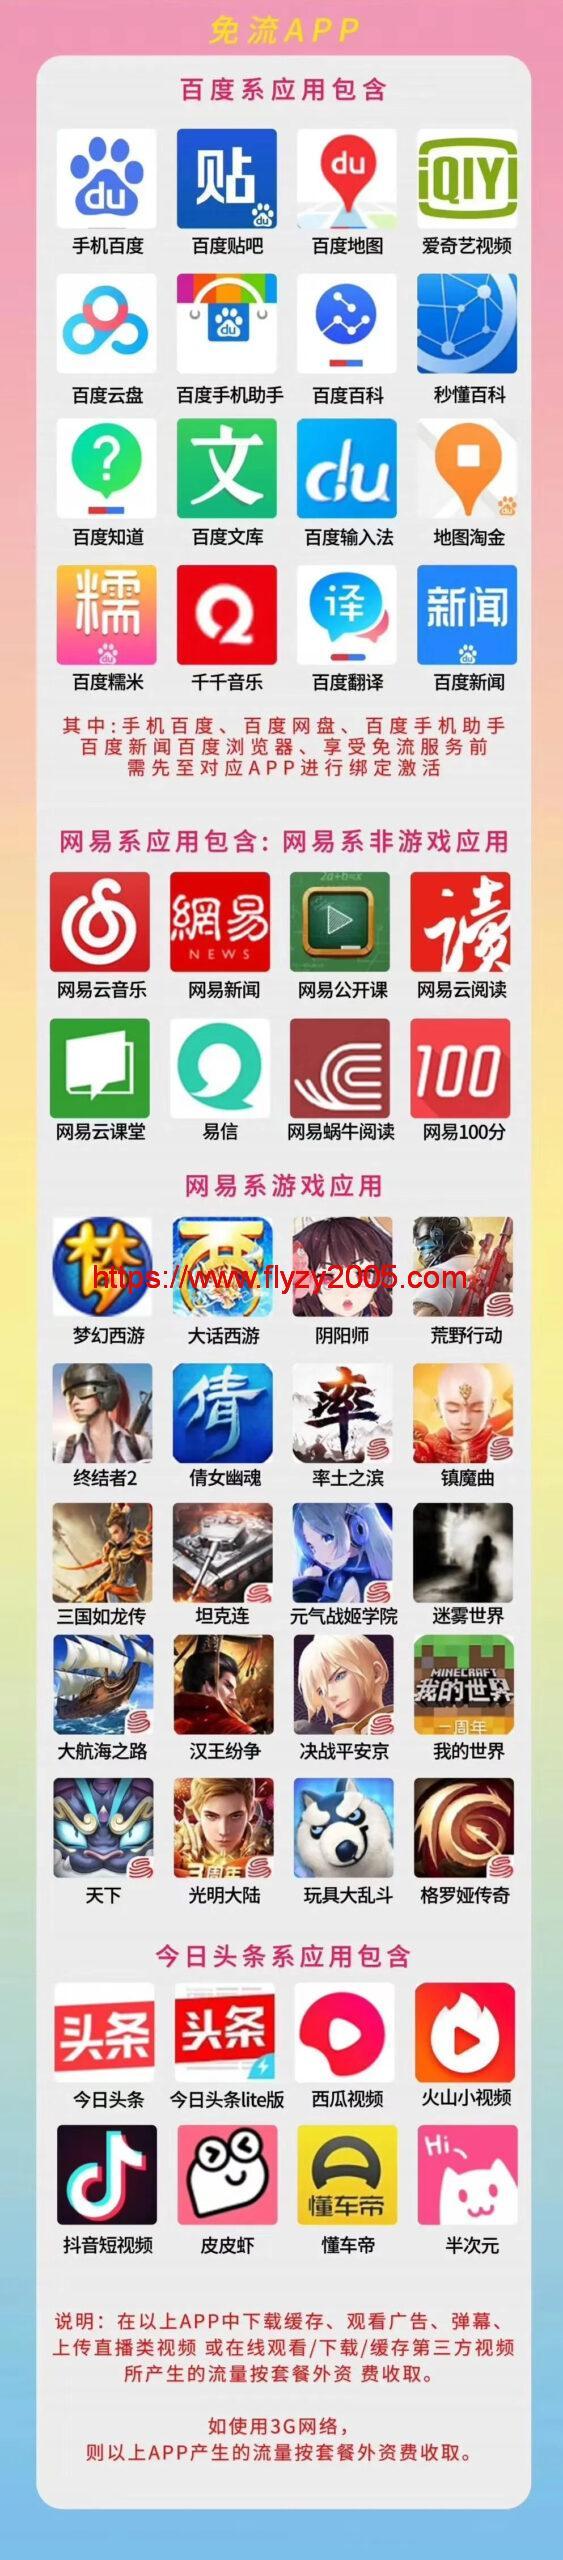 北京电信校园卡免流软件